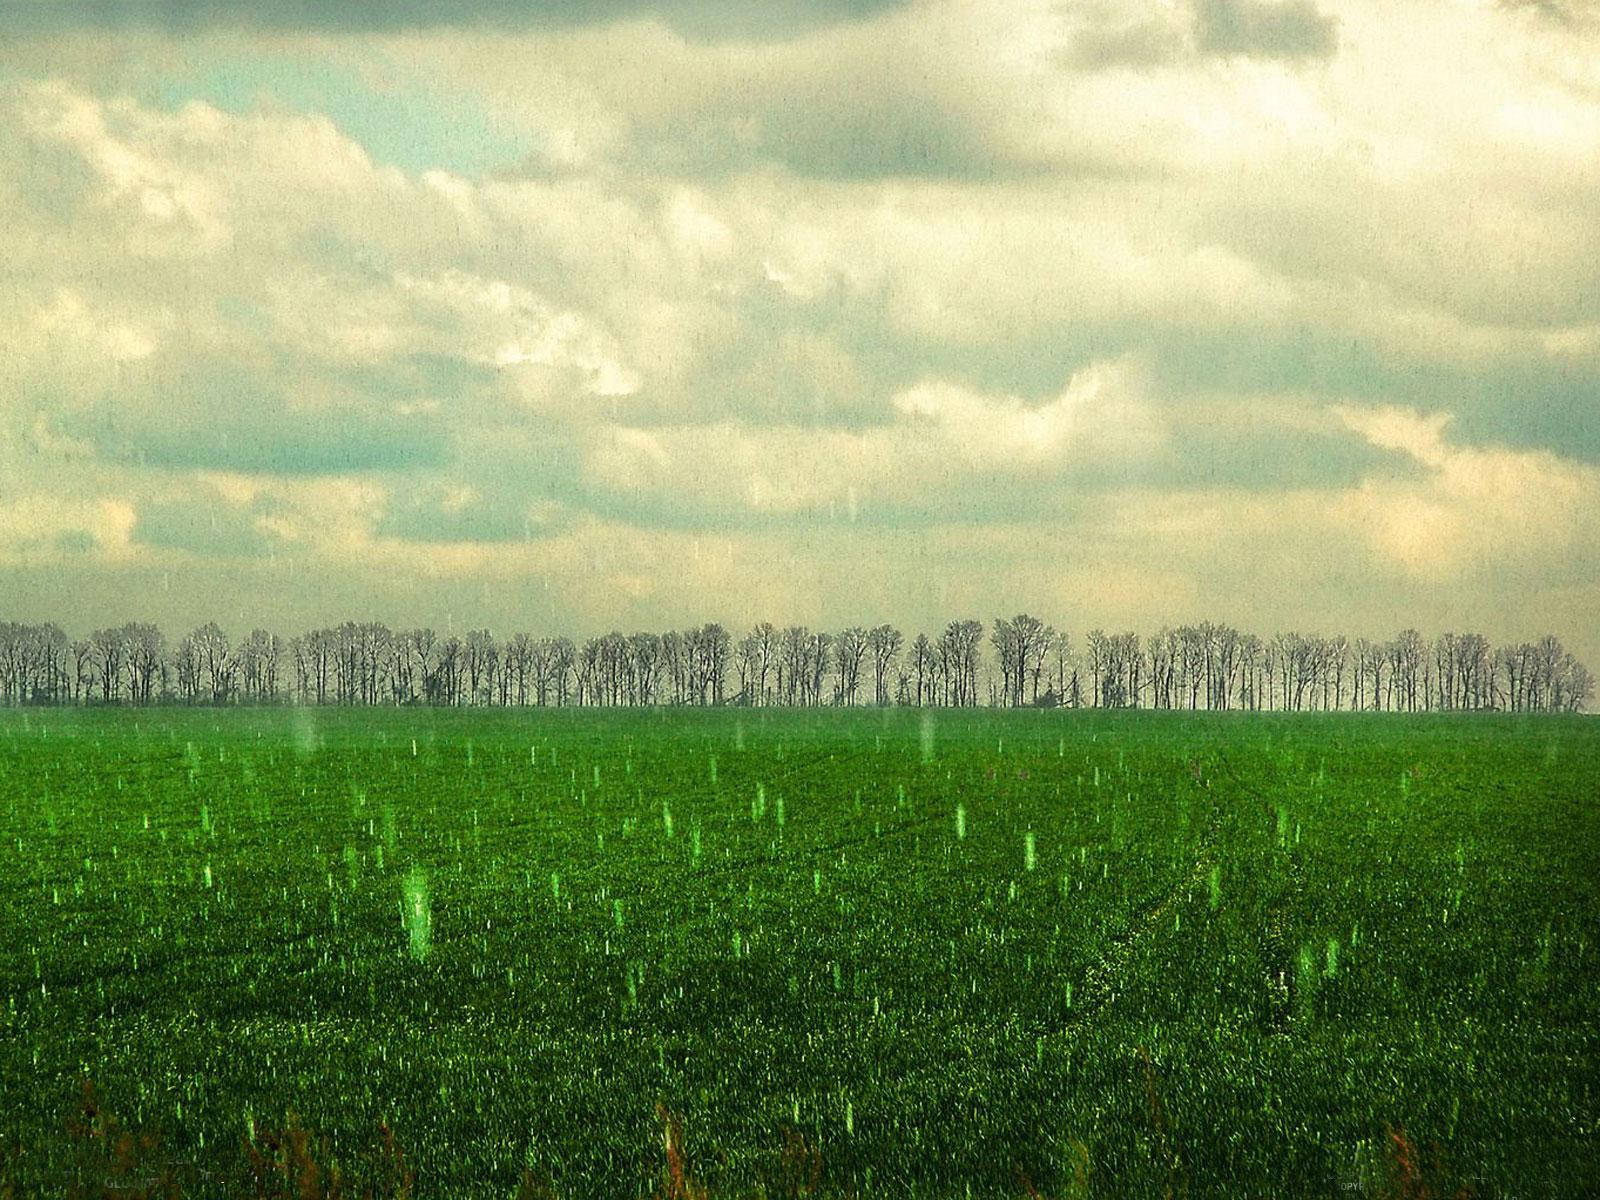 Rainy Day Desktop Wallpaper Wallpapersafari